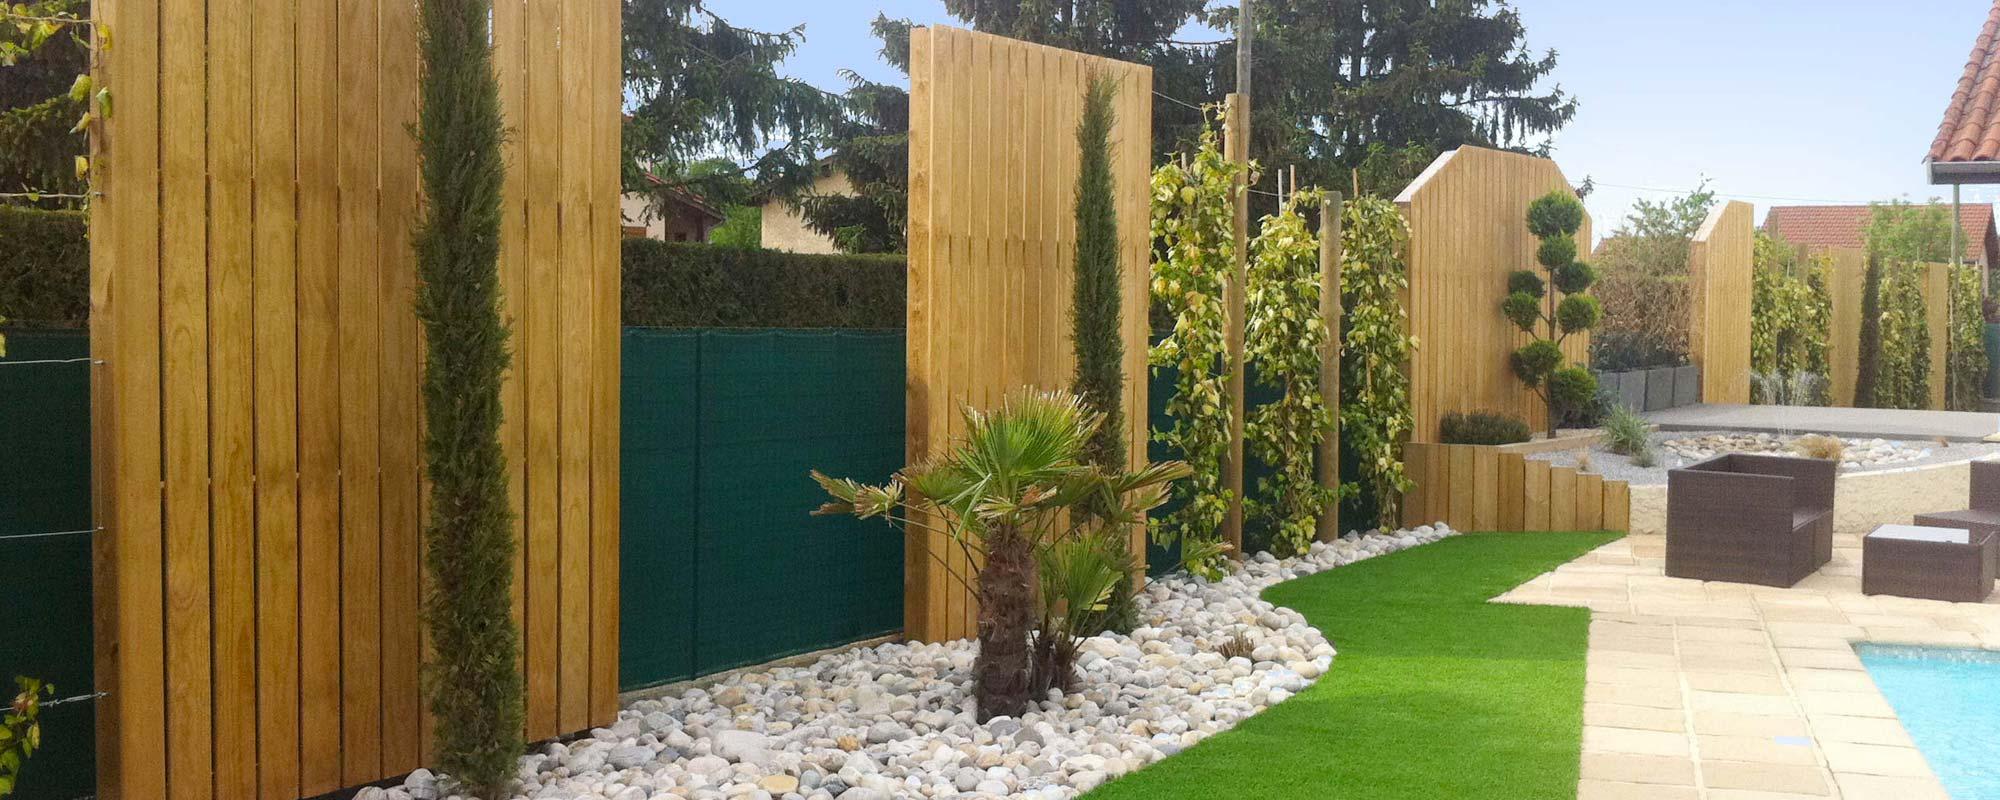 Bassins et jardins modernes et design for Jardins et services